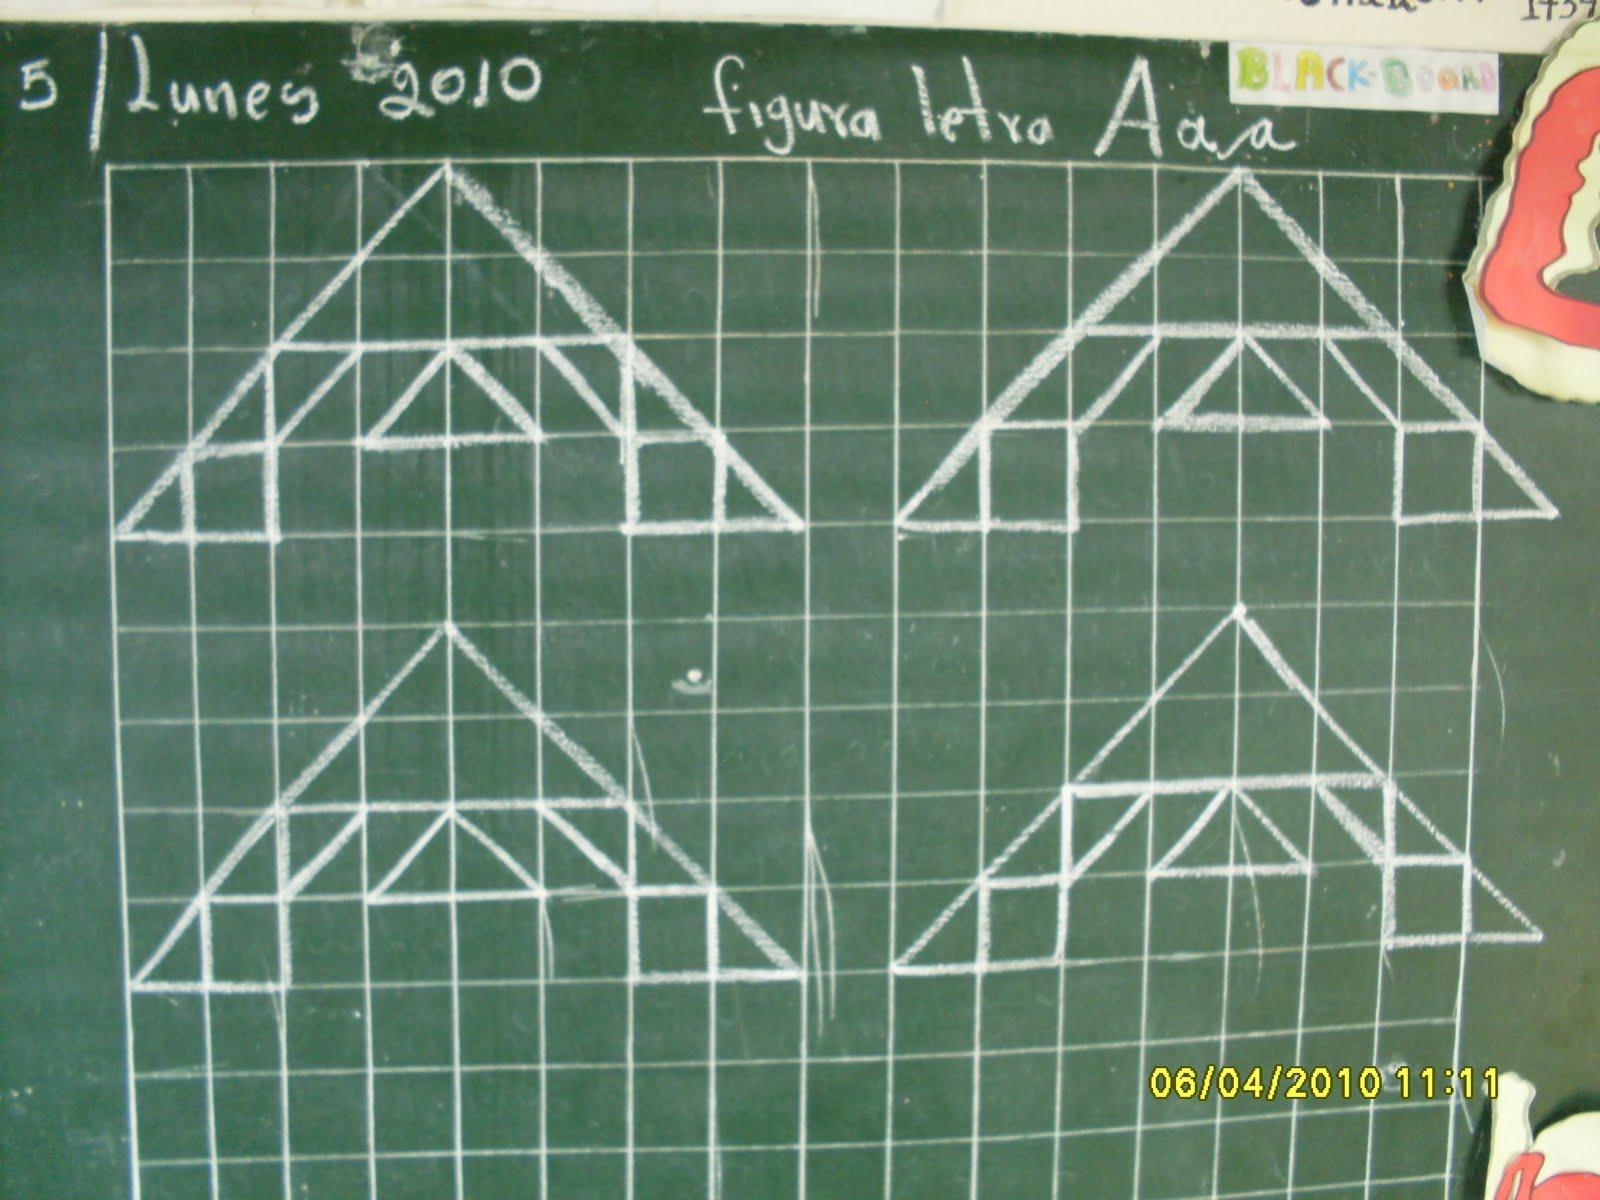 Mi Escuela Educa Proyecto De Aula Escolar Tiempo Libre 2010